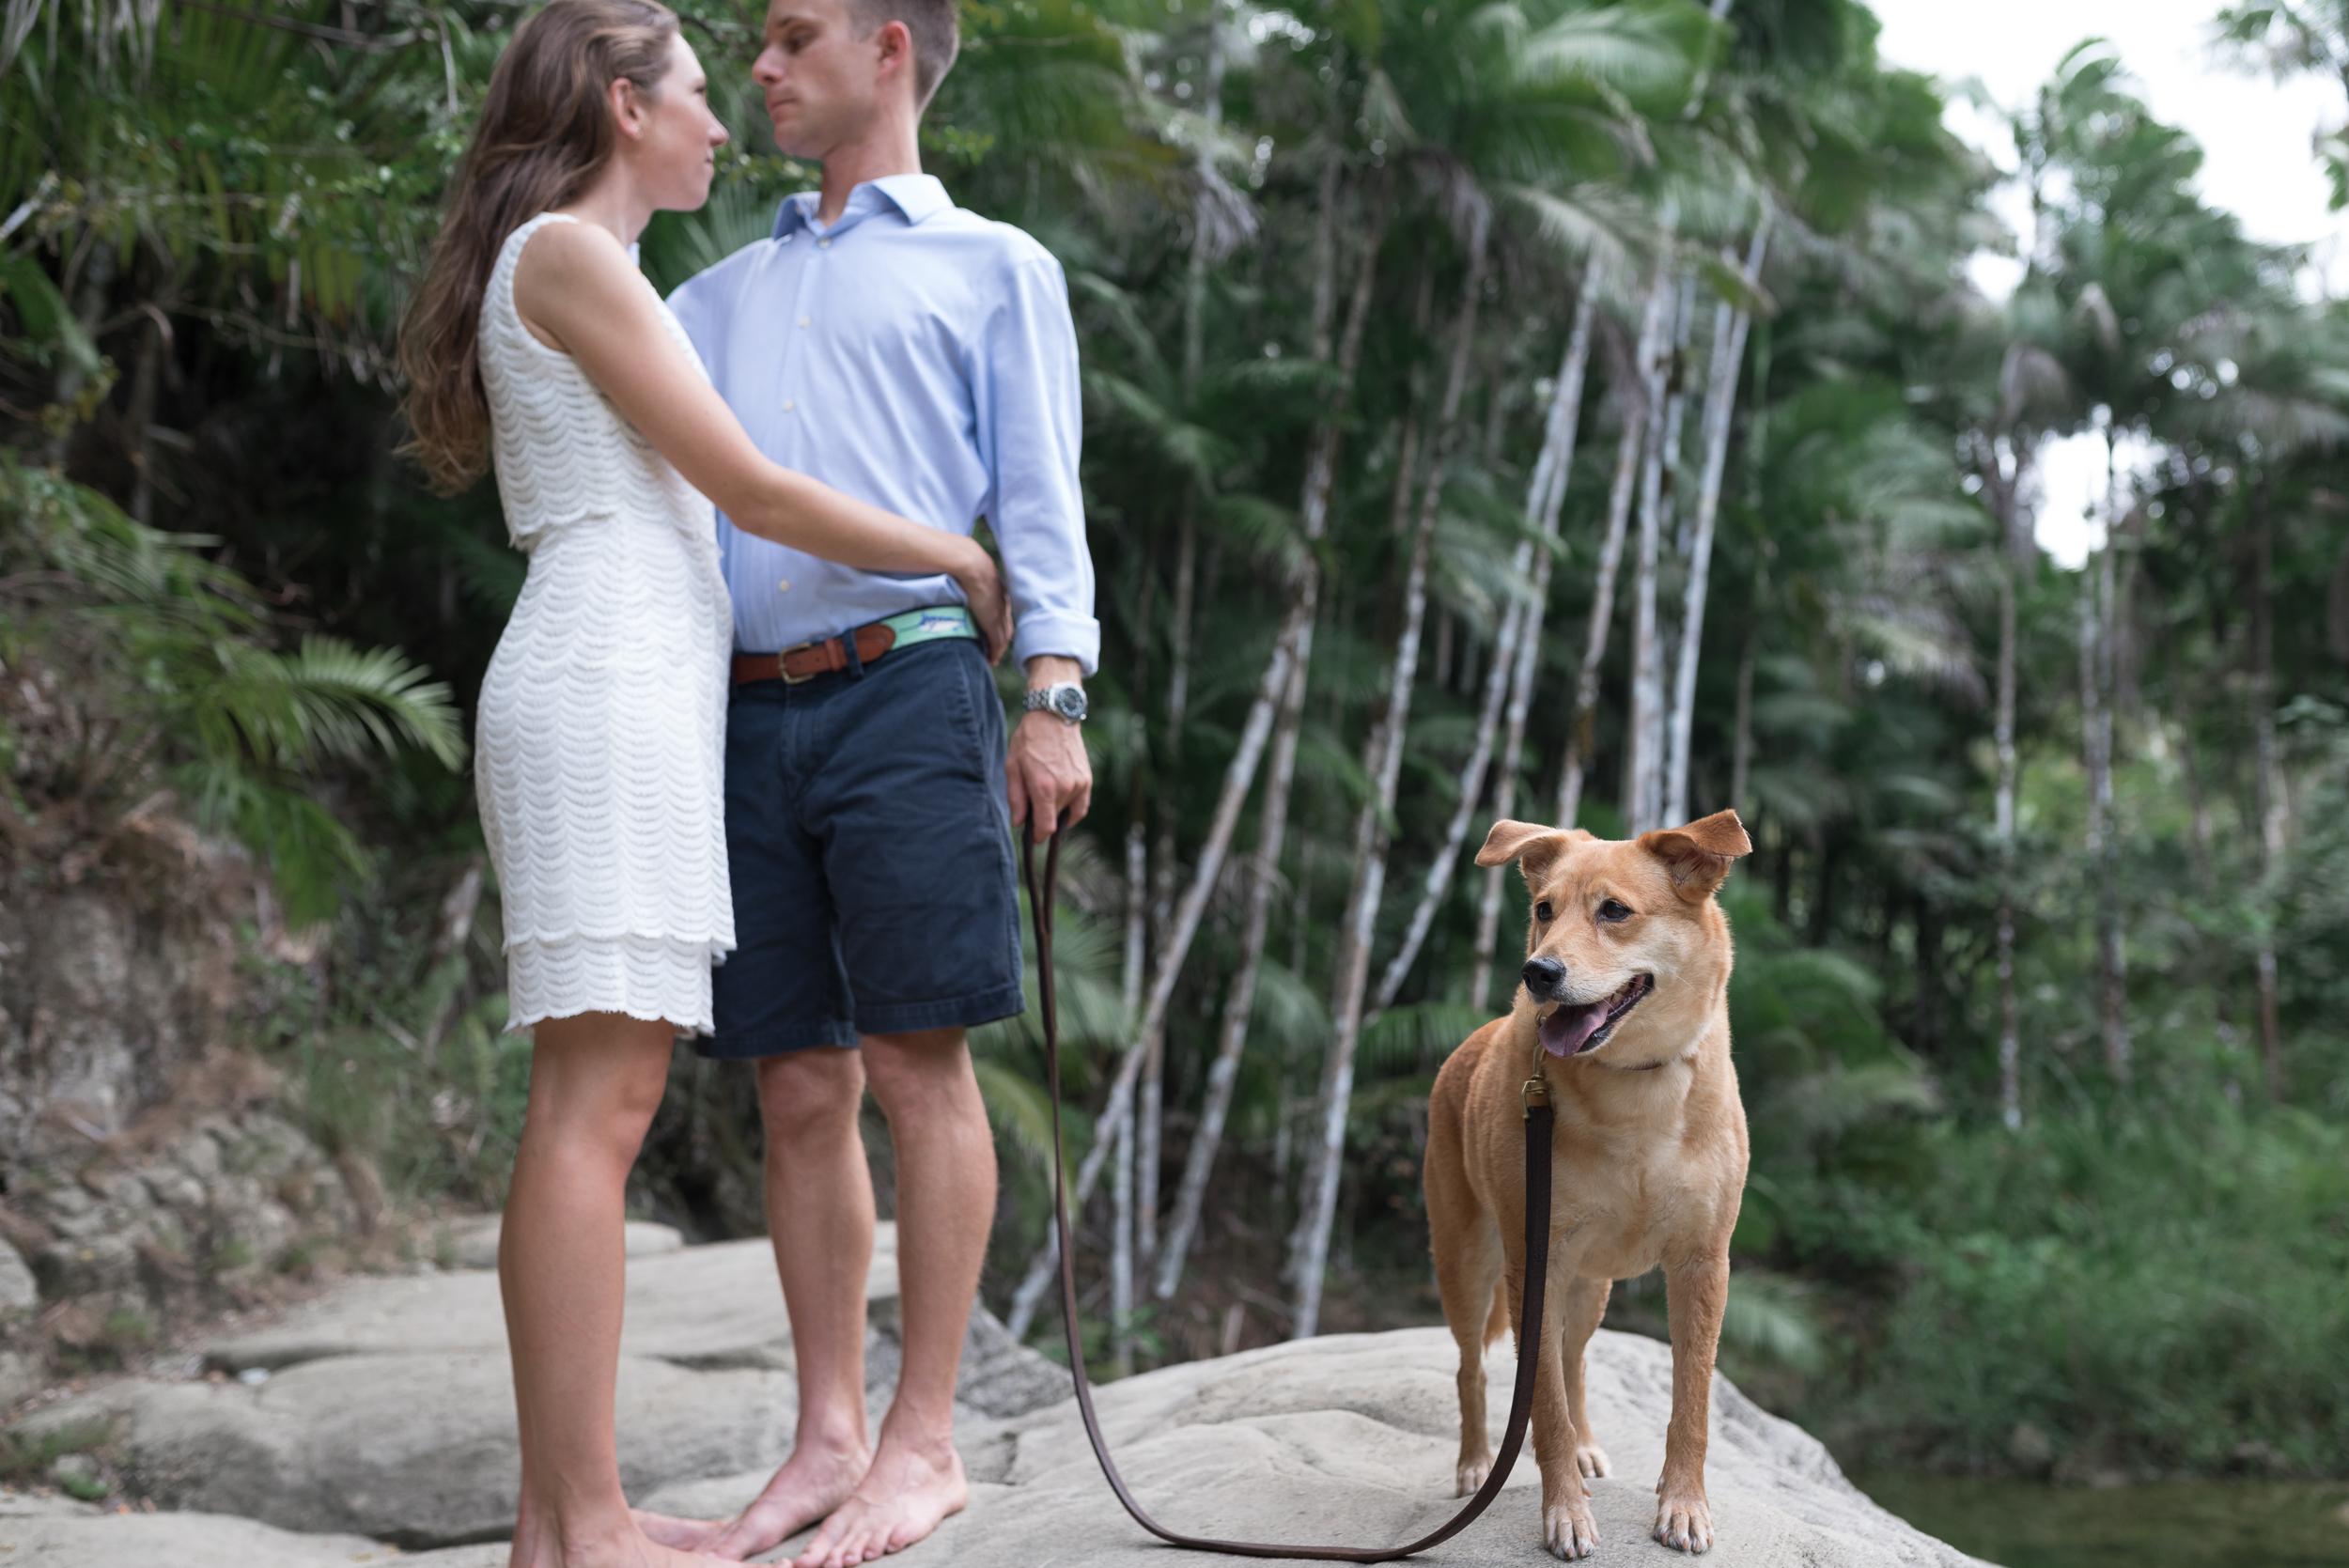 EngagementGuamPhotography-ROXANNEAUGUSTA-18.jpg